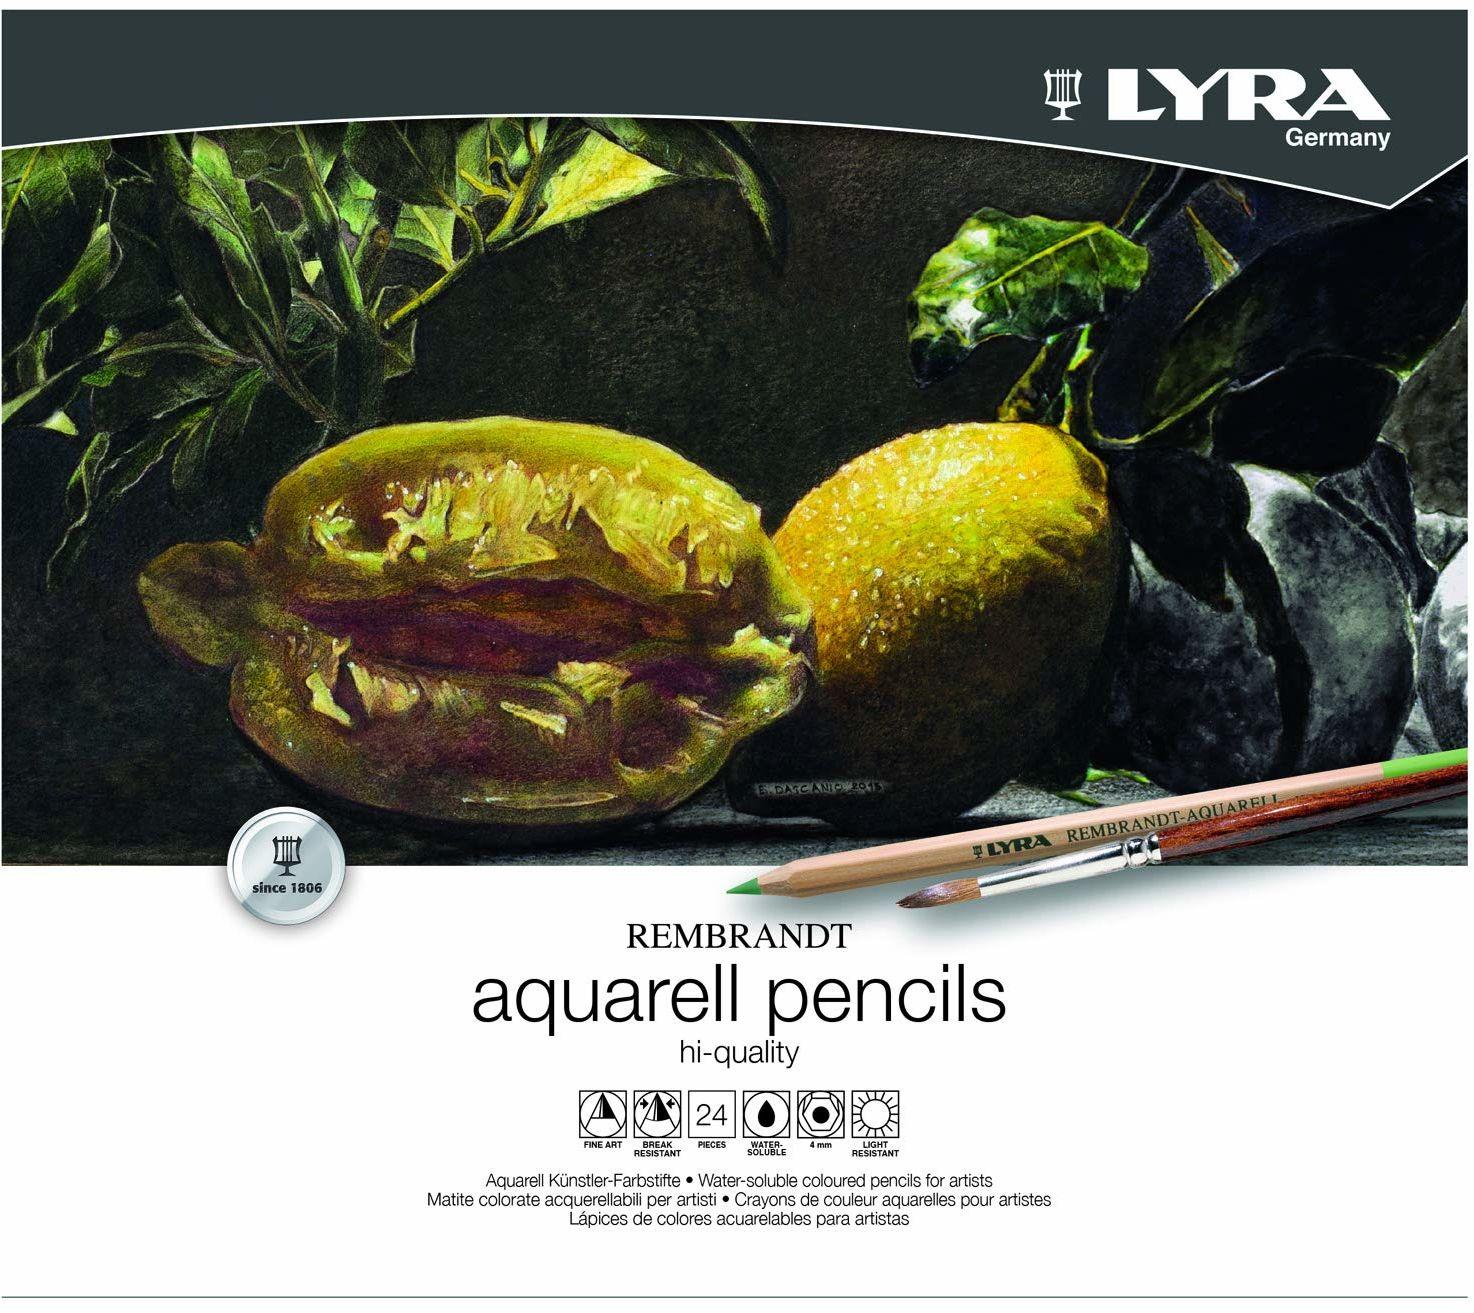 LYRA 2011240 Rembrandt akwarela  metalowe etui z 24 kredkami akwarelowymi, posortowane pod względem koloru